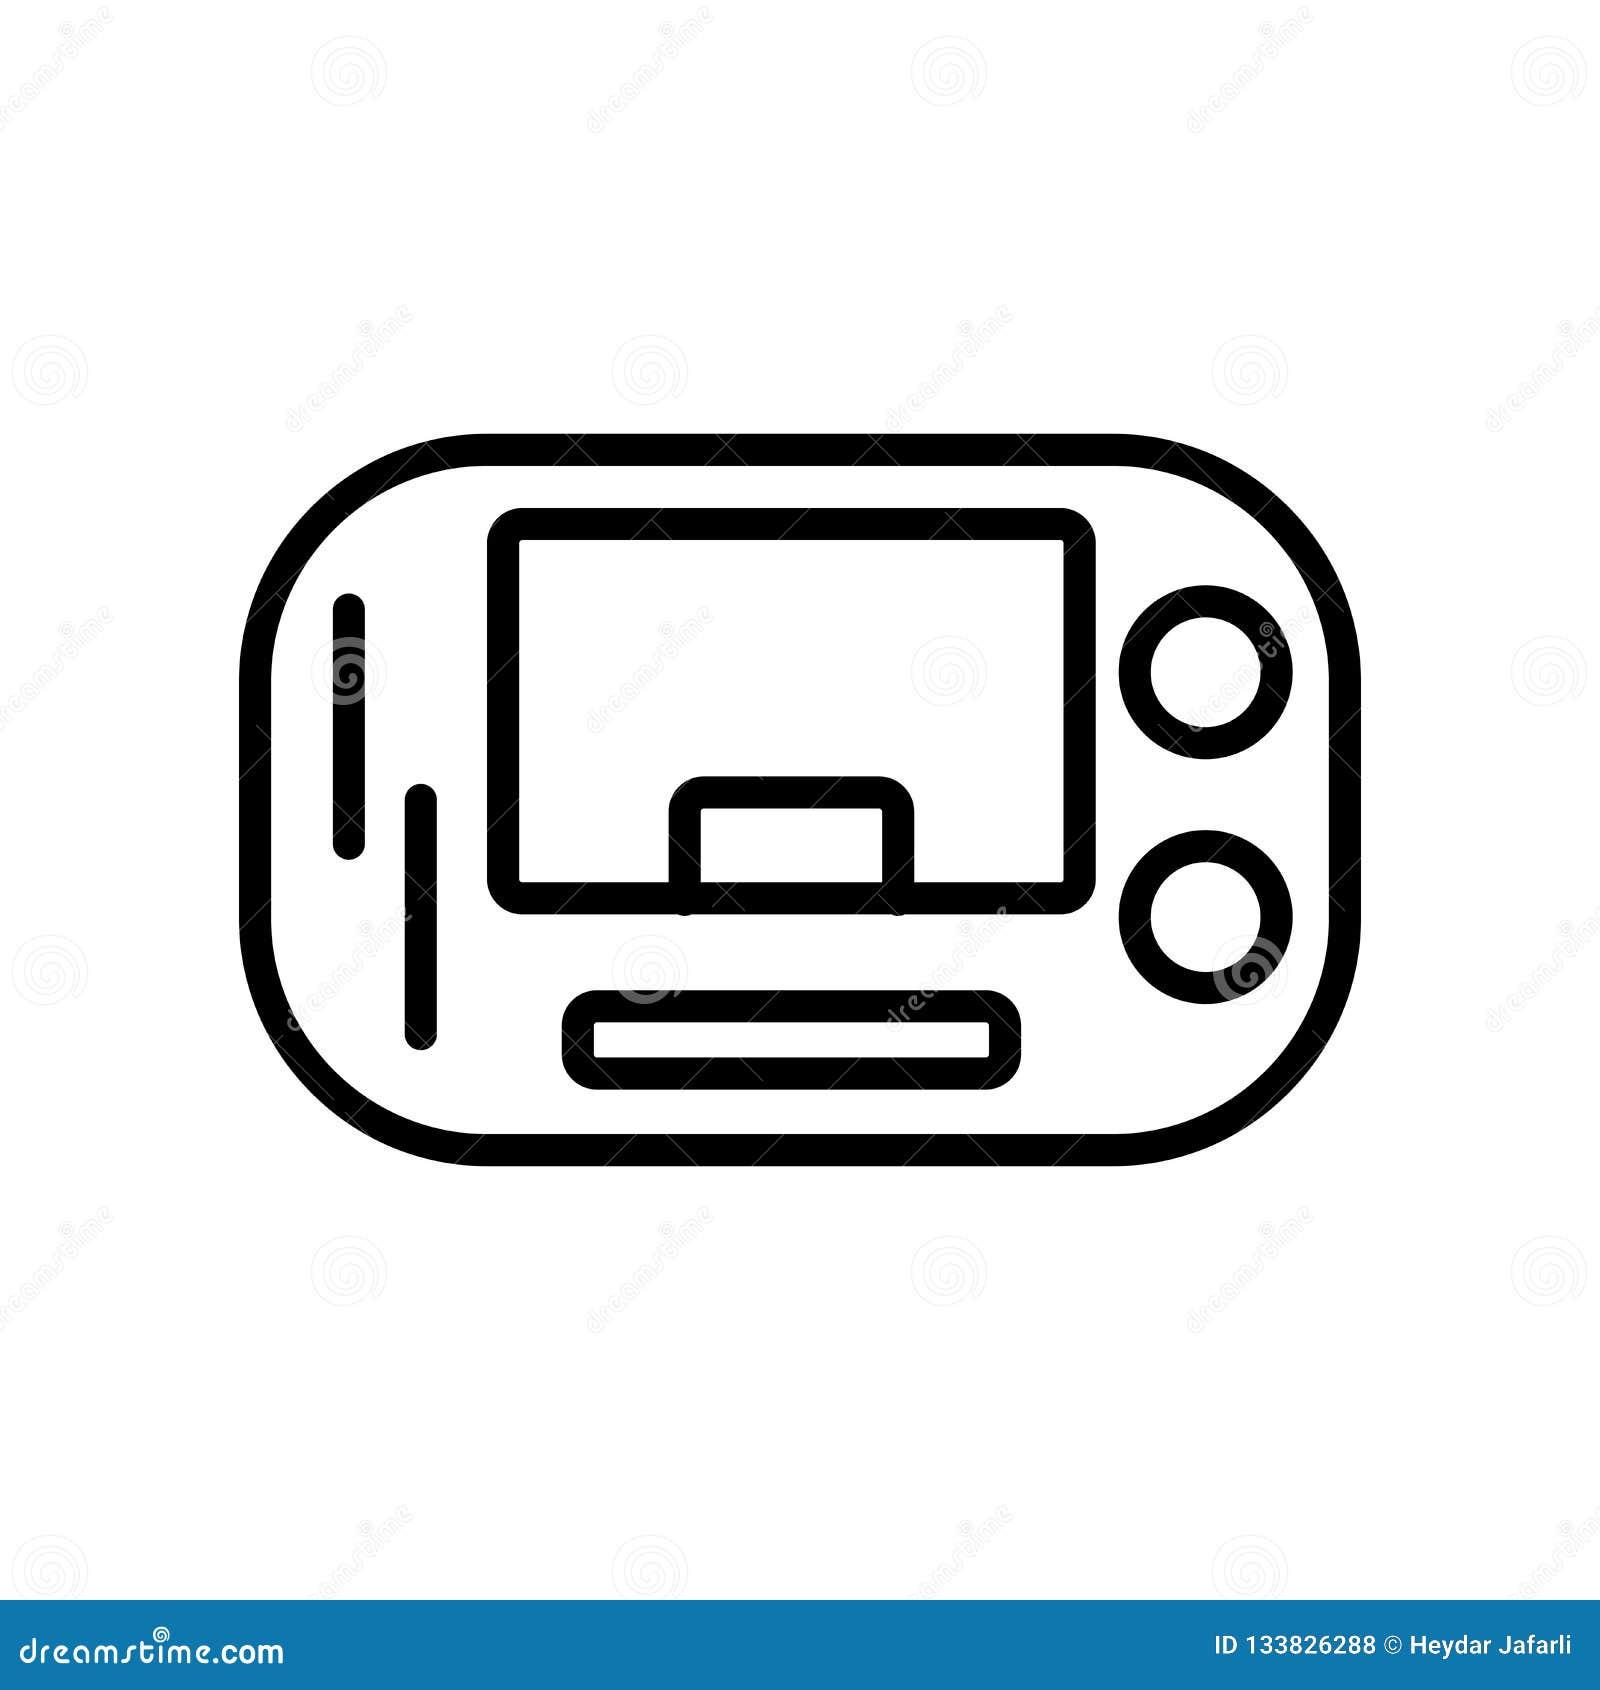 Vetor do ícone do console de PSP isolado no fundo branco, Consol de PSP